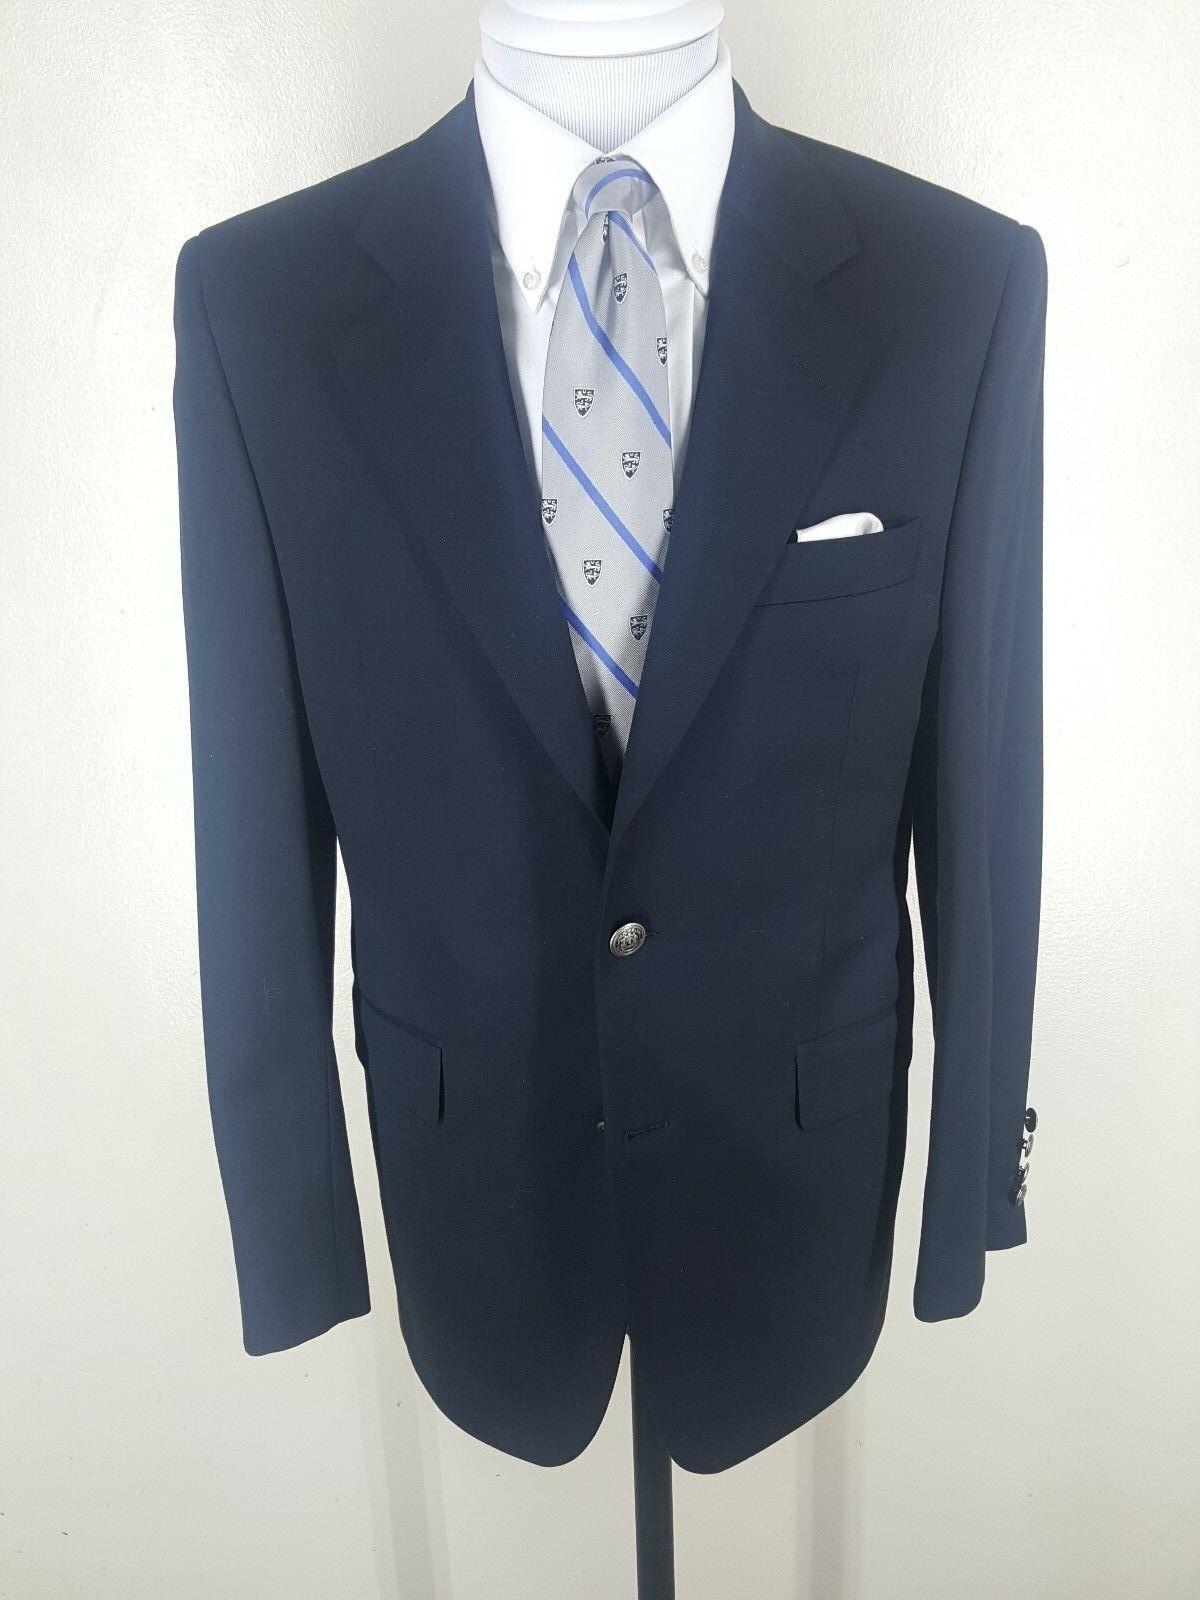 Barneys NY  Recent Blau Blazer 4 Season 100%  Wool 2 Btn Center Vent  36 Short